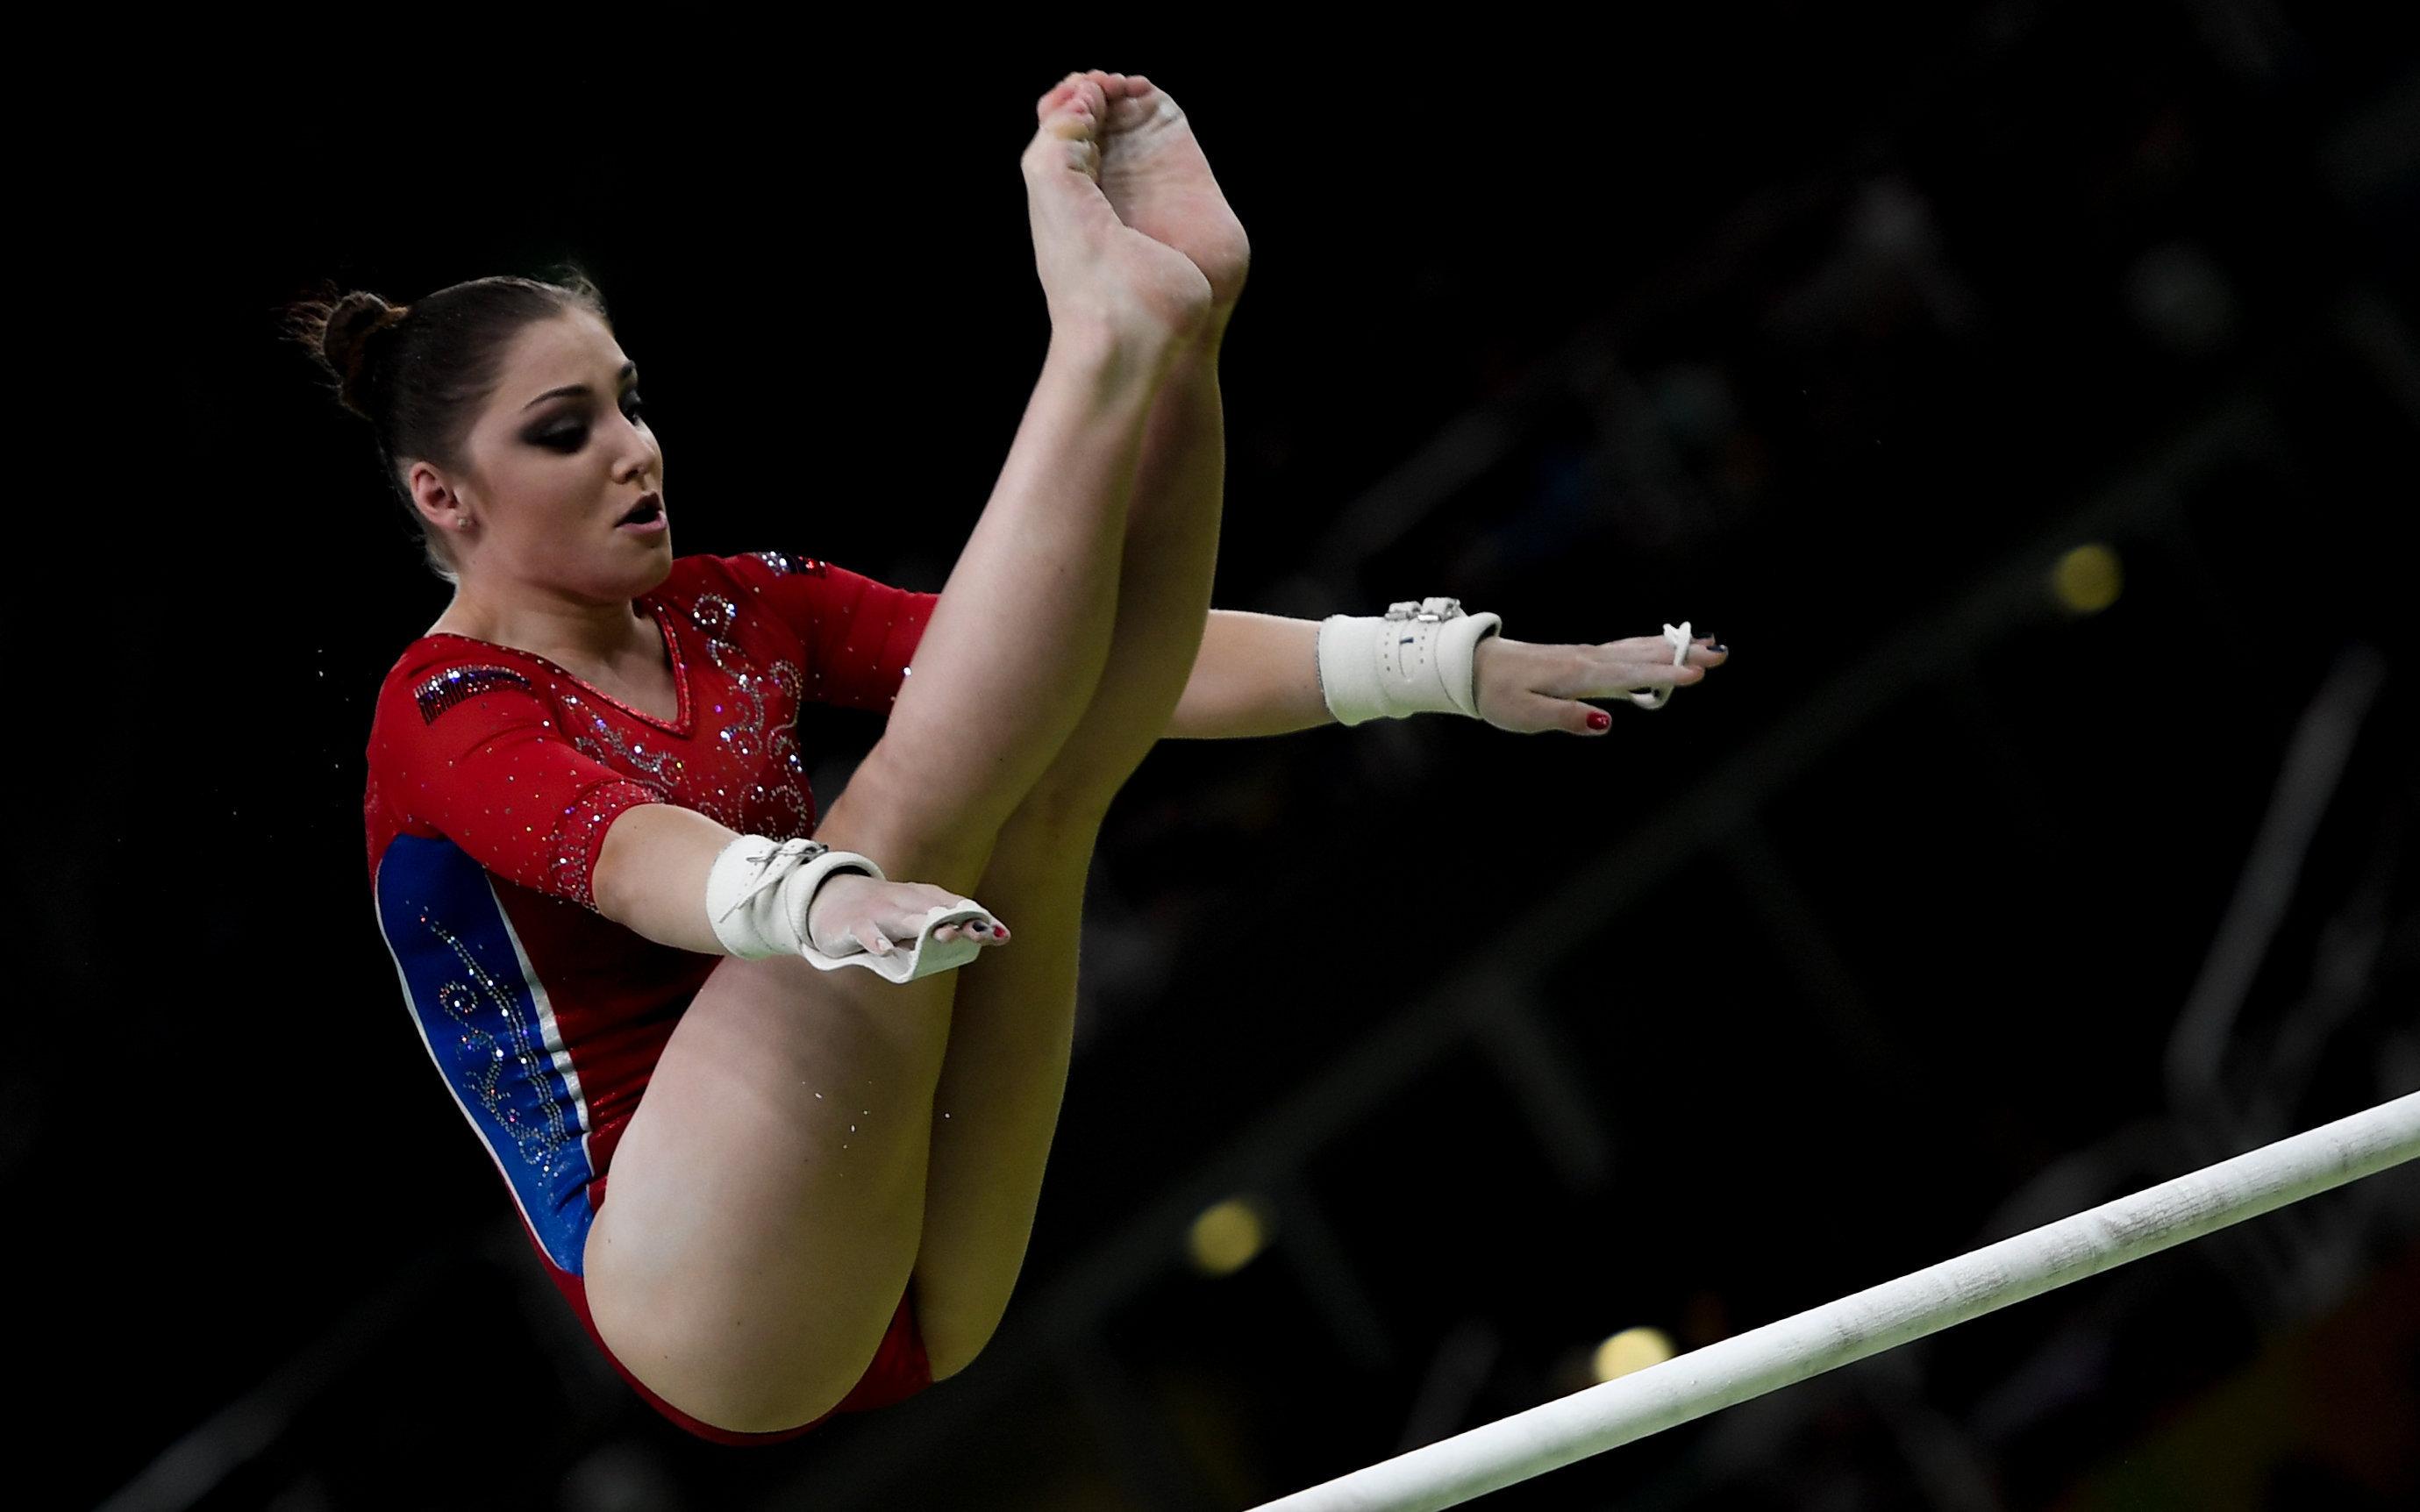 Алия Мустафина (Россия) выполняет упражнения на разновысоких брусьях